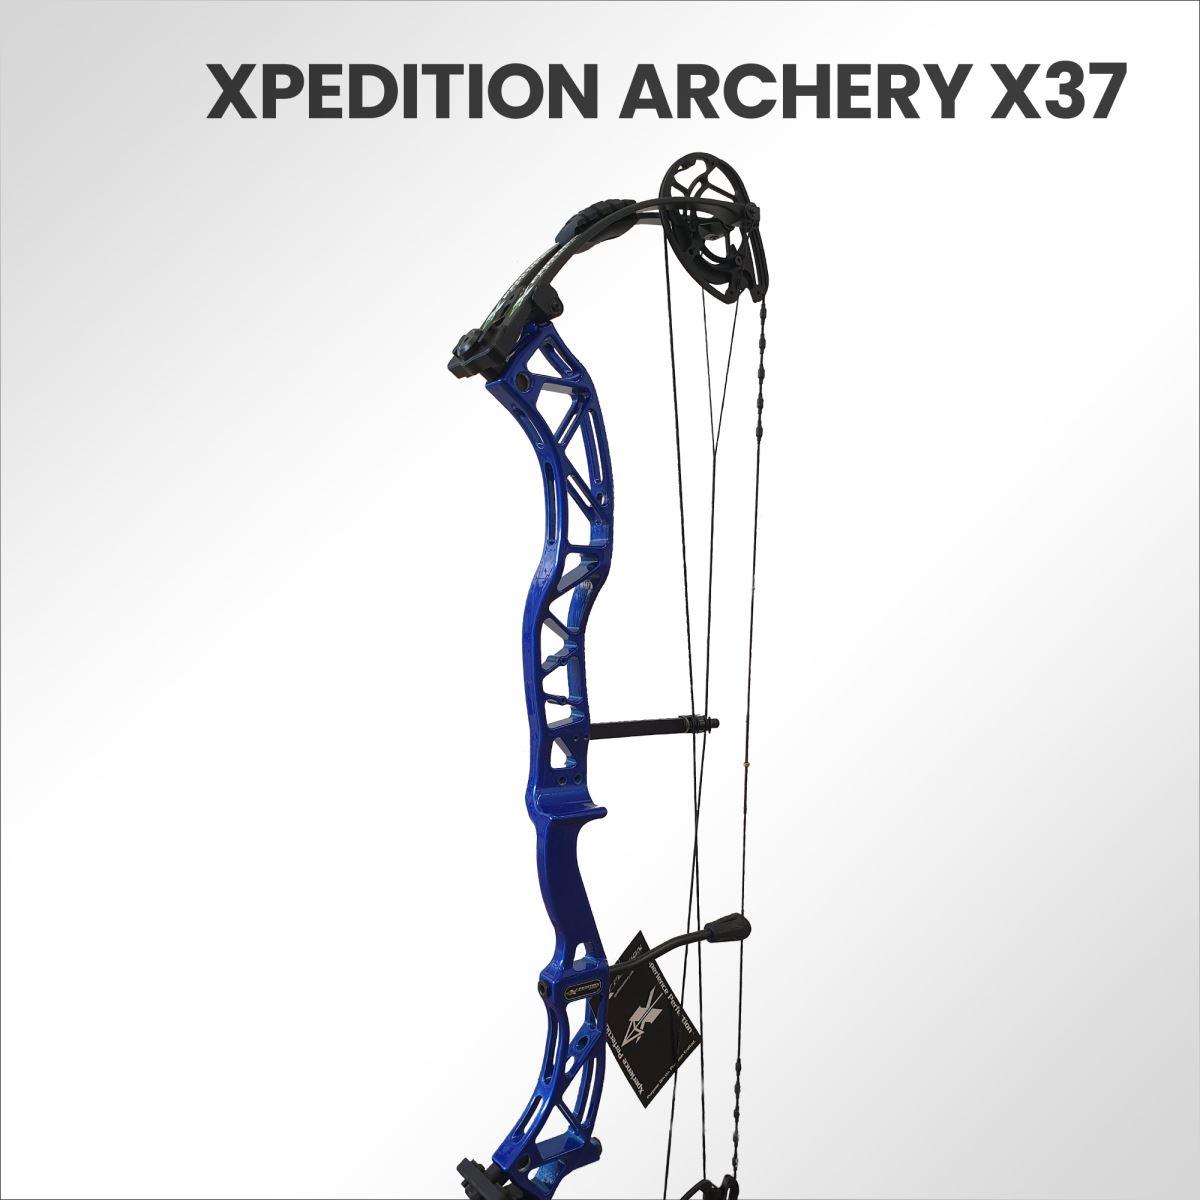 E' arrivato in anteprima Europea, il nuovo X37 Xpedition Archery. Scoprilo con noi!